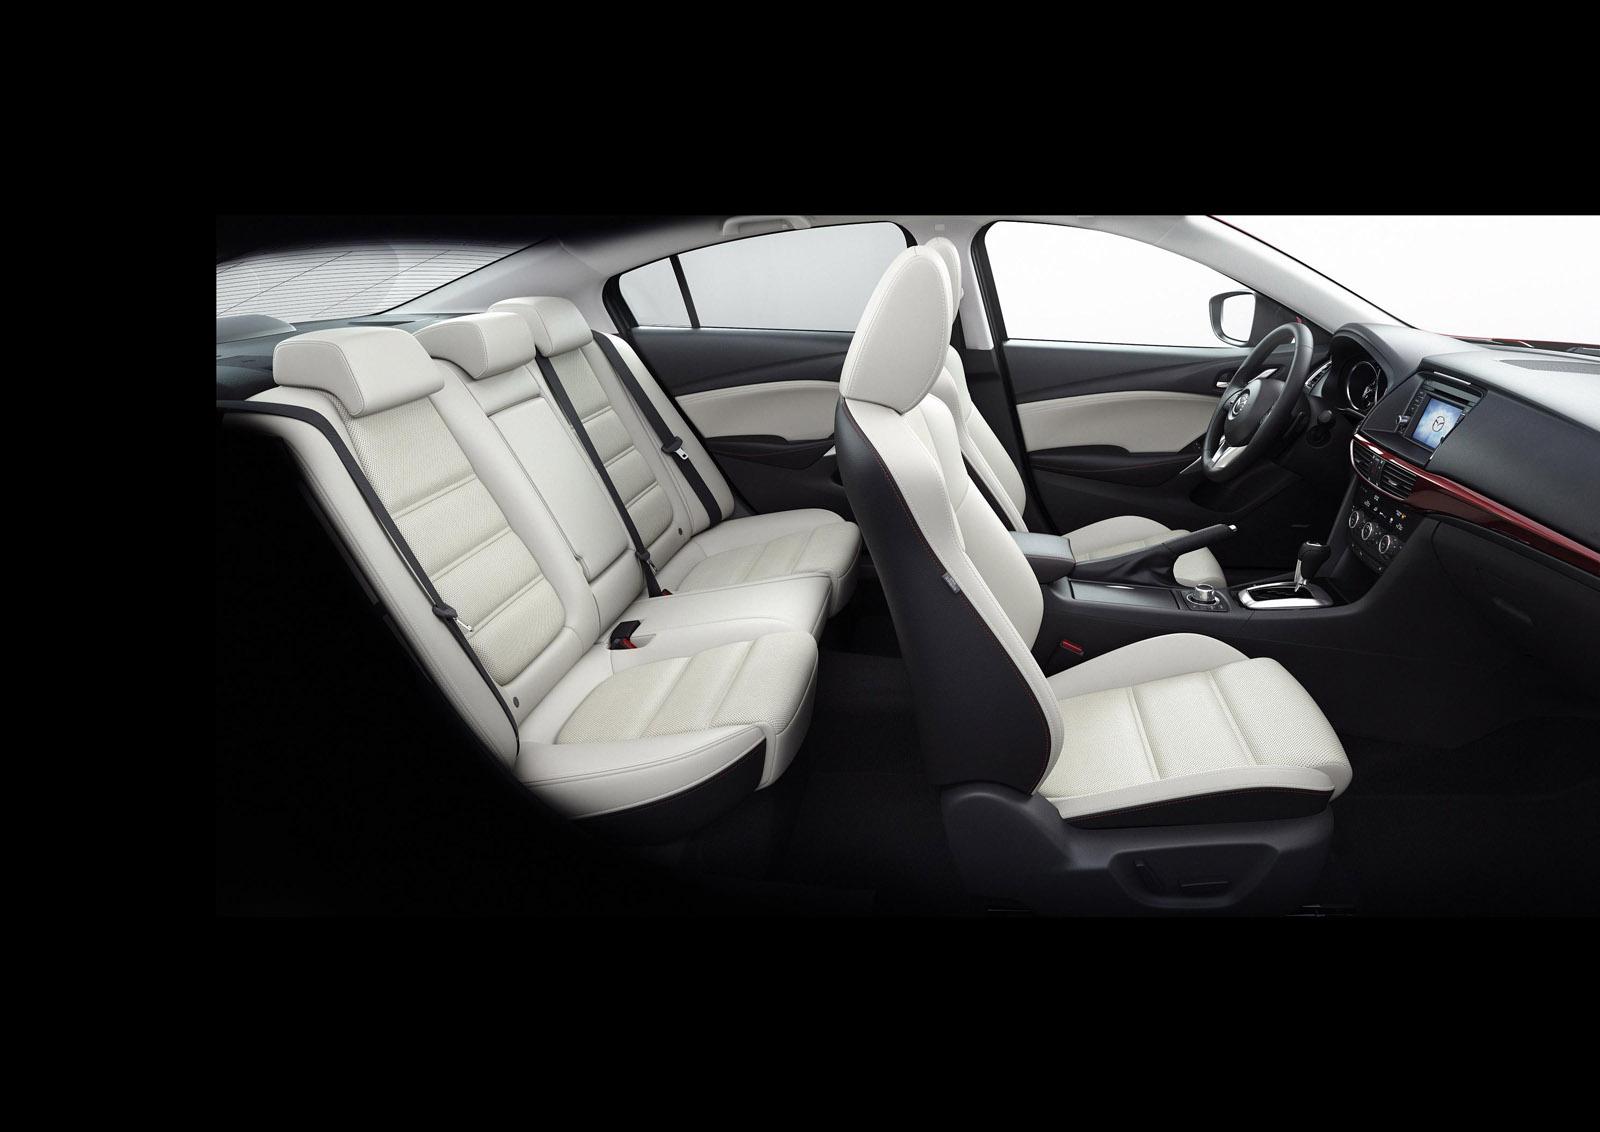 1908_588667_Mazda6_Sedan_2012_interior_02